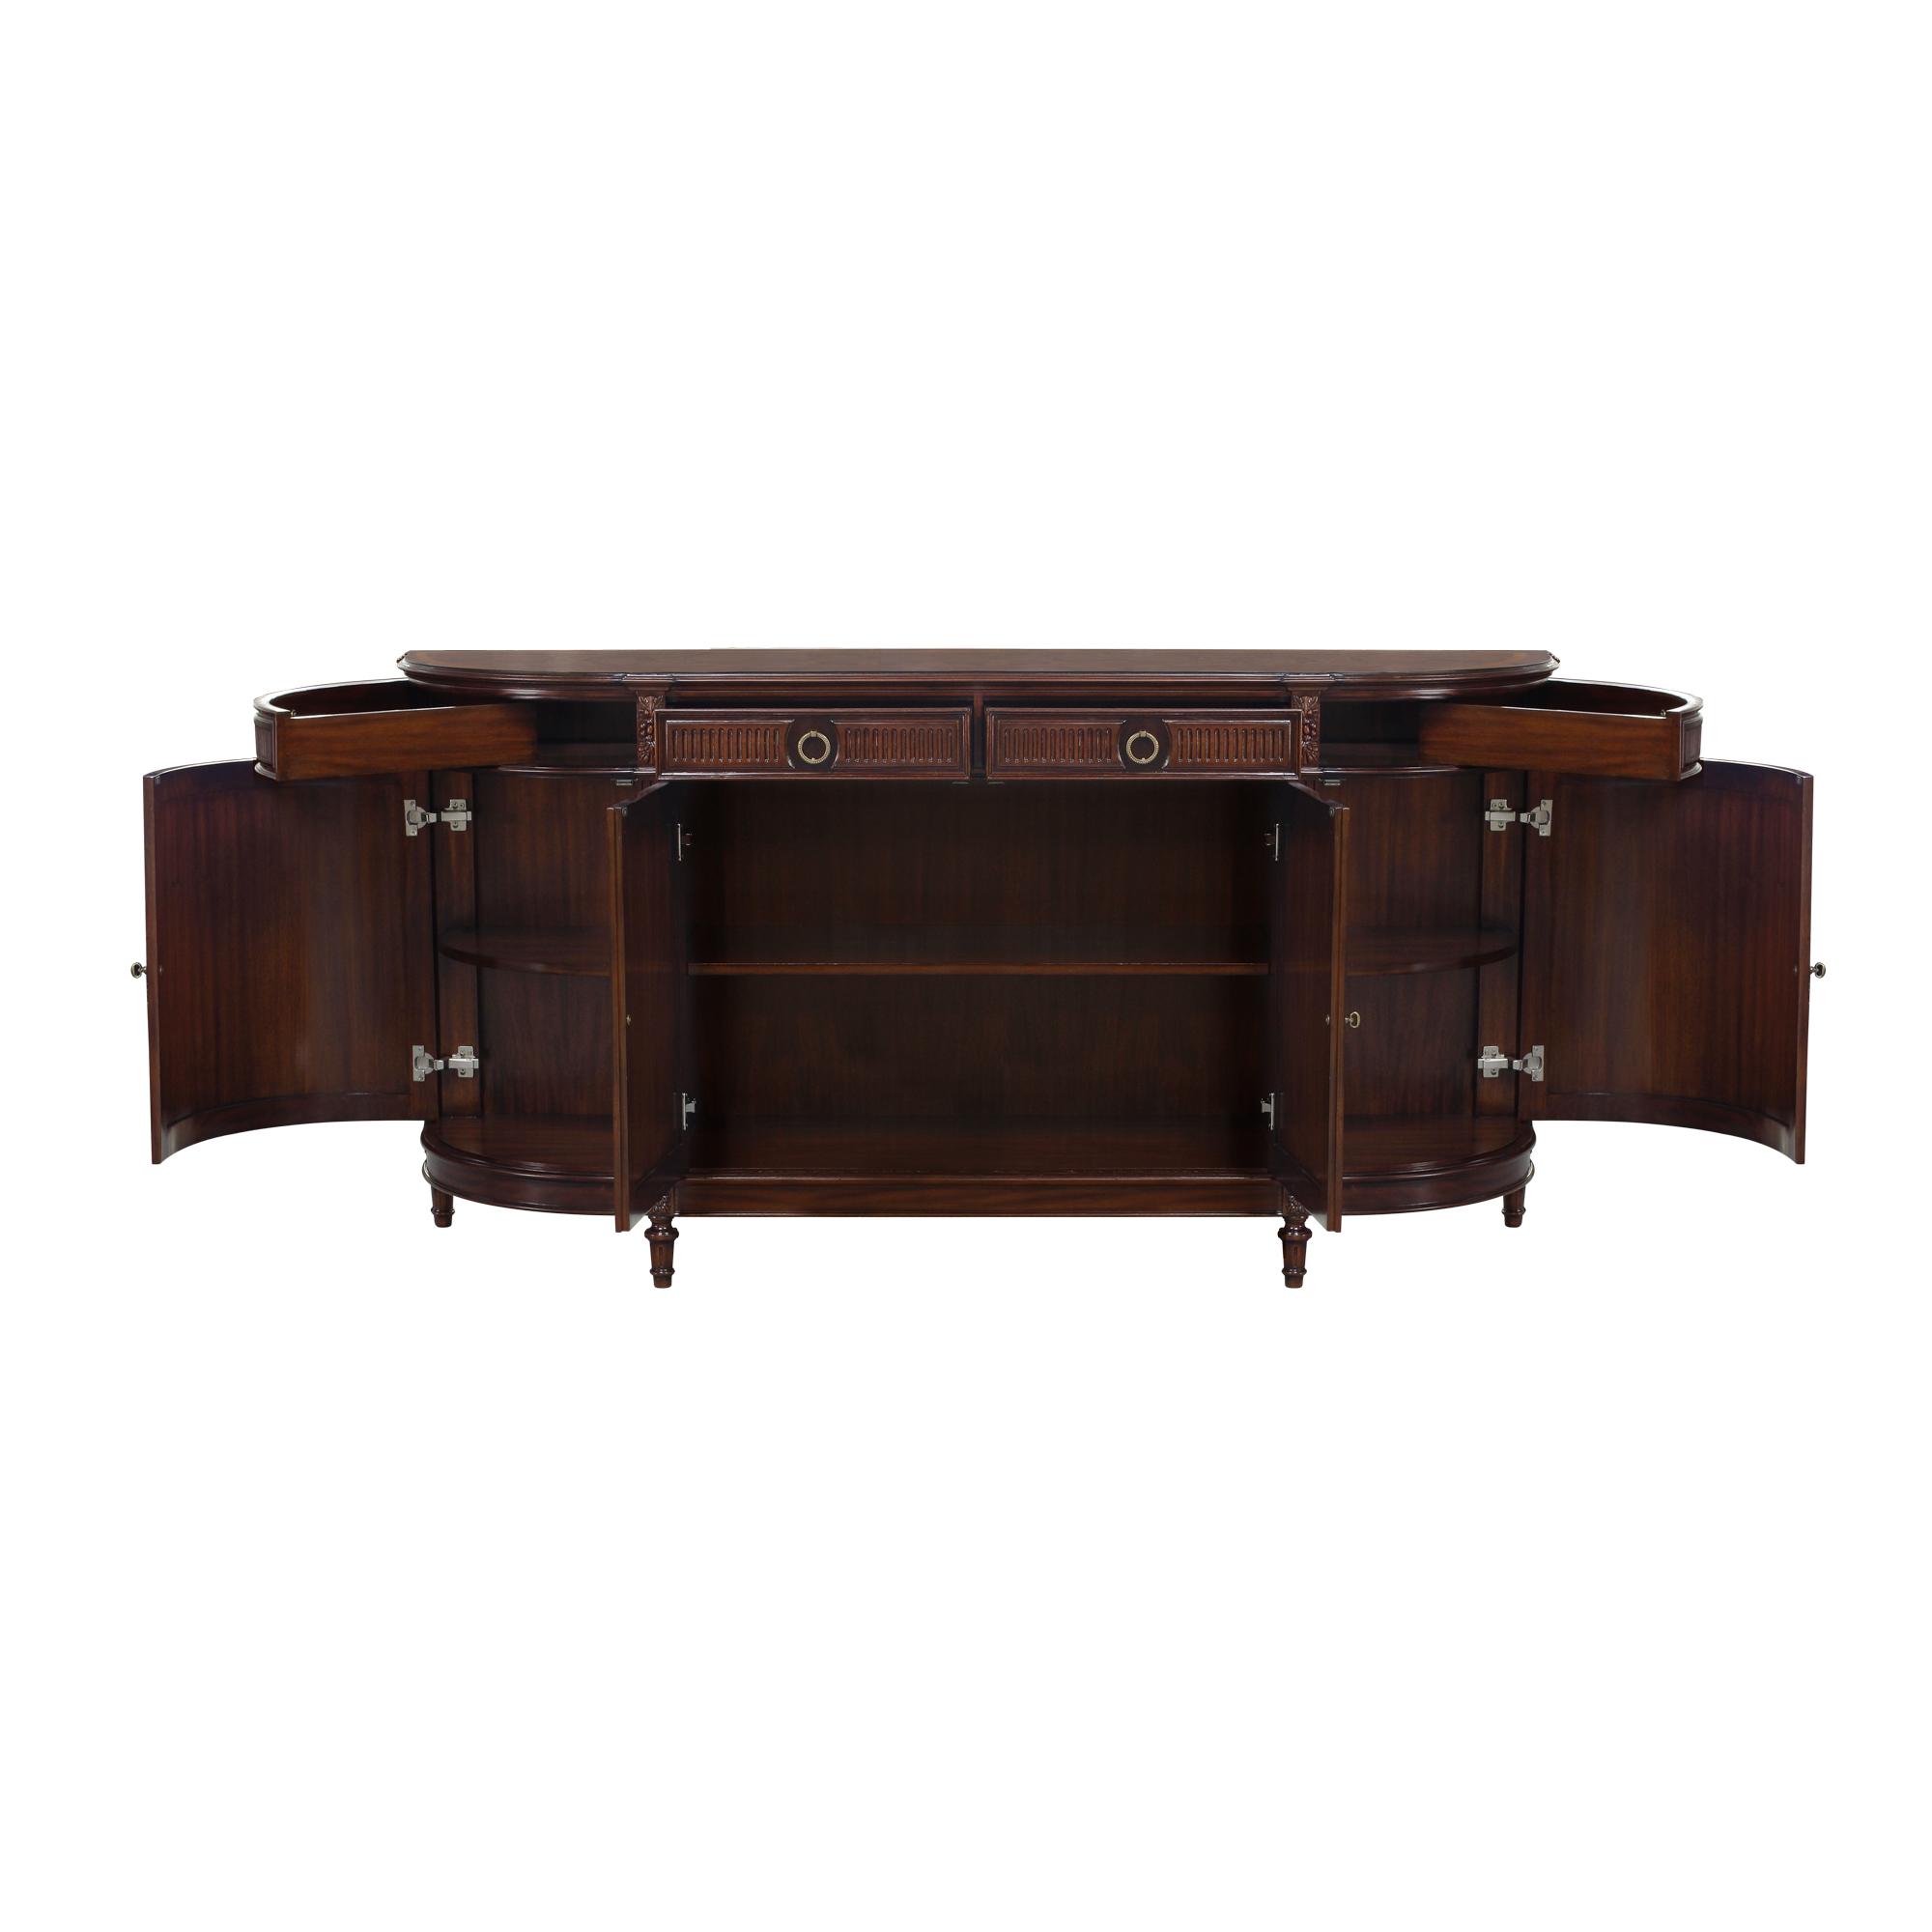 34463F---Demilune-Sideboard-Swirl,-EM-mah-wood-&-swirl-veneer,-polish-hw(3)